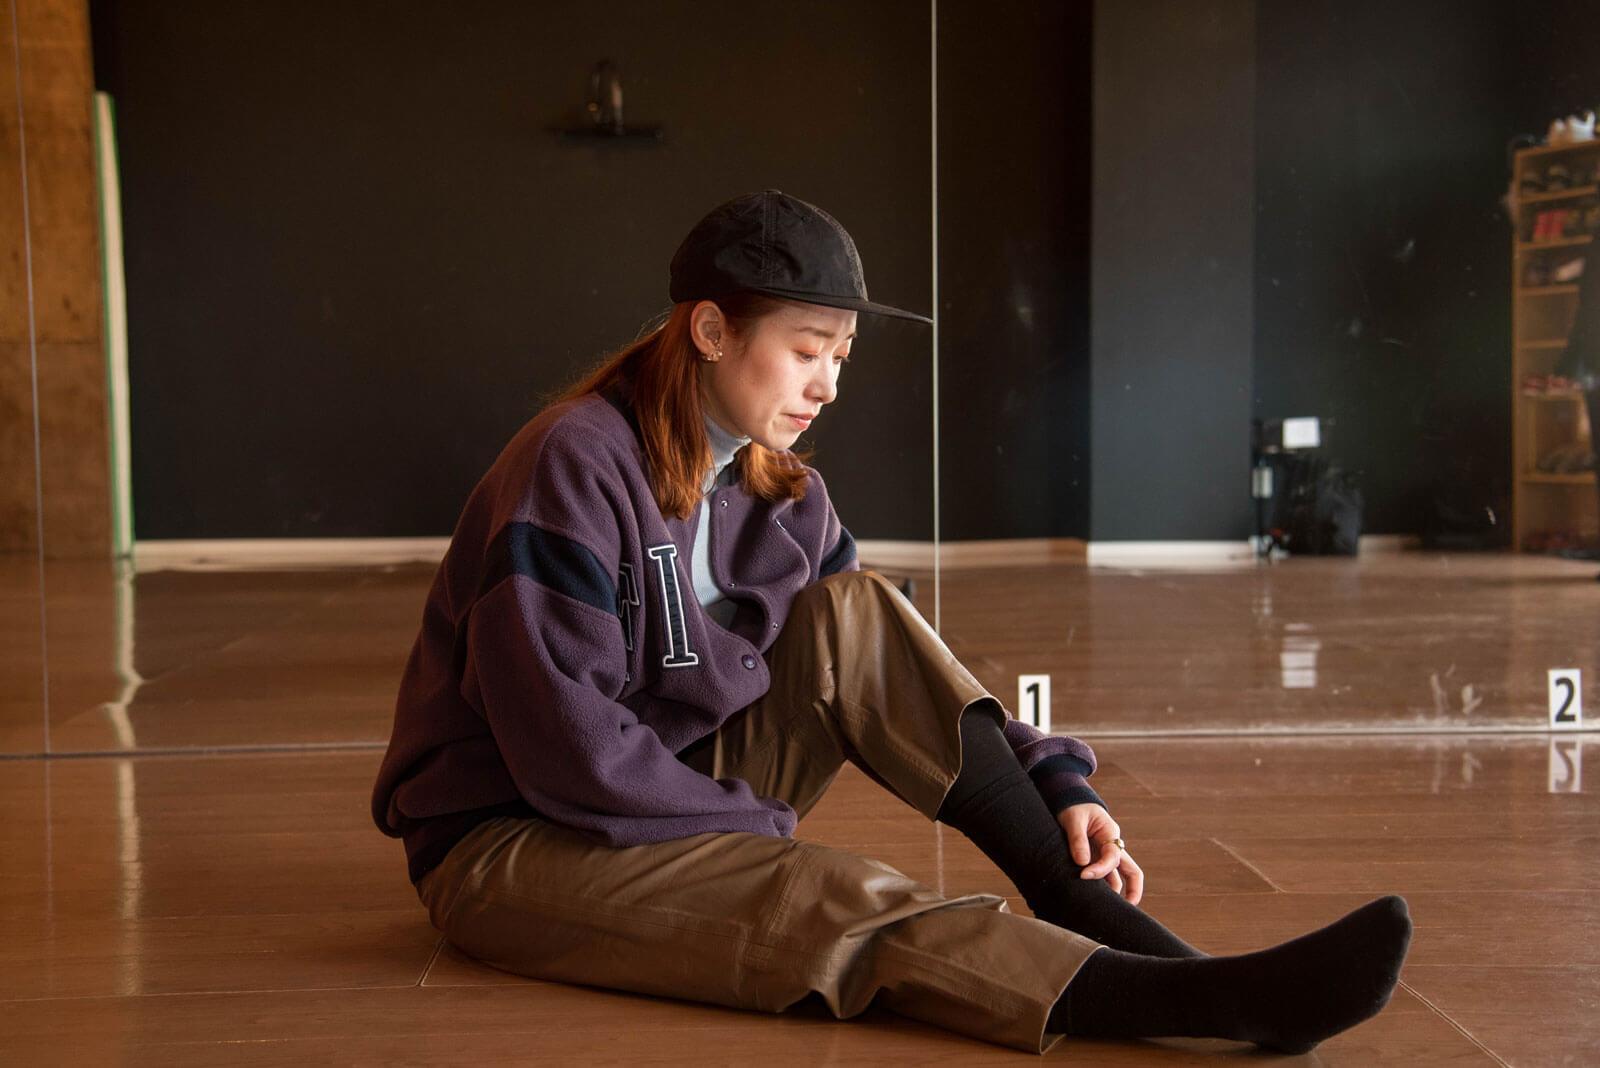 ローカルWEBメディア・地域サイト 地元サイト 草加ローカルストーリー 岡本朱里 ダンサー 坐禅 2枚目写真